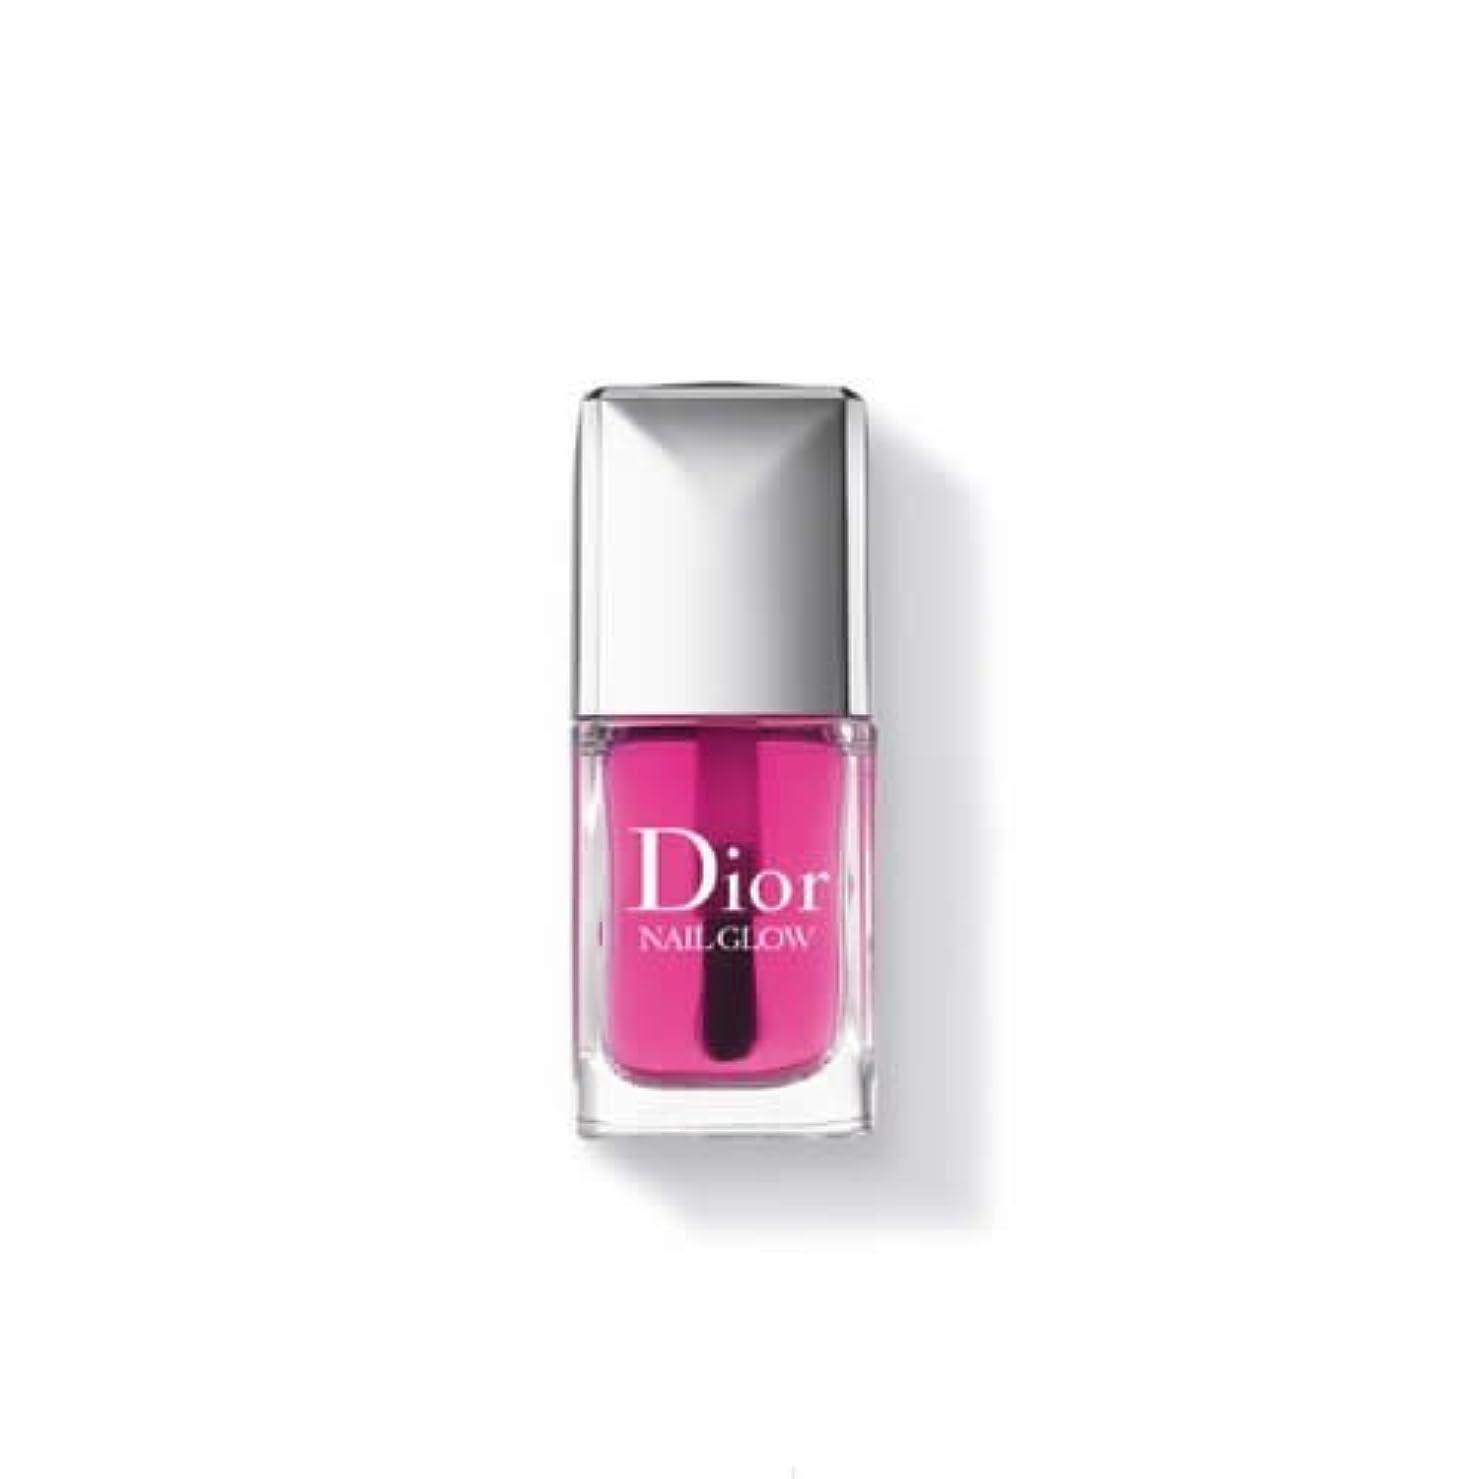 優雅な解決劇場Dior ディオール Nail Glow ネイル グロウ 10ml [並行輸入品]